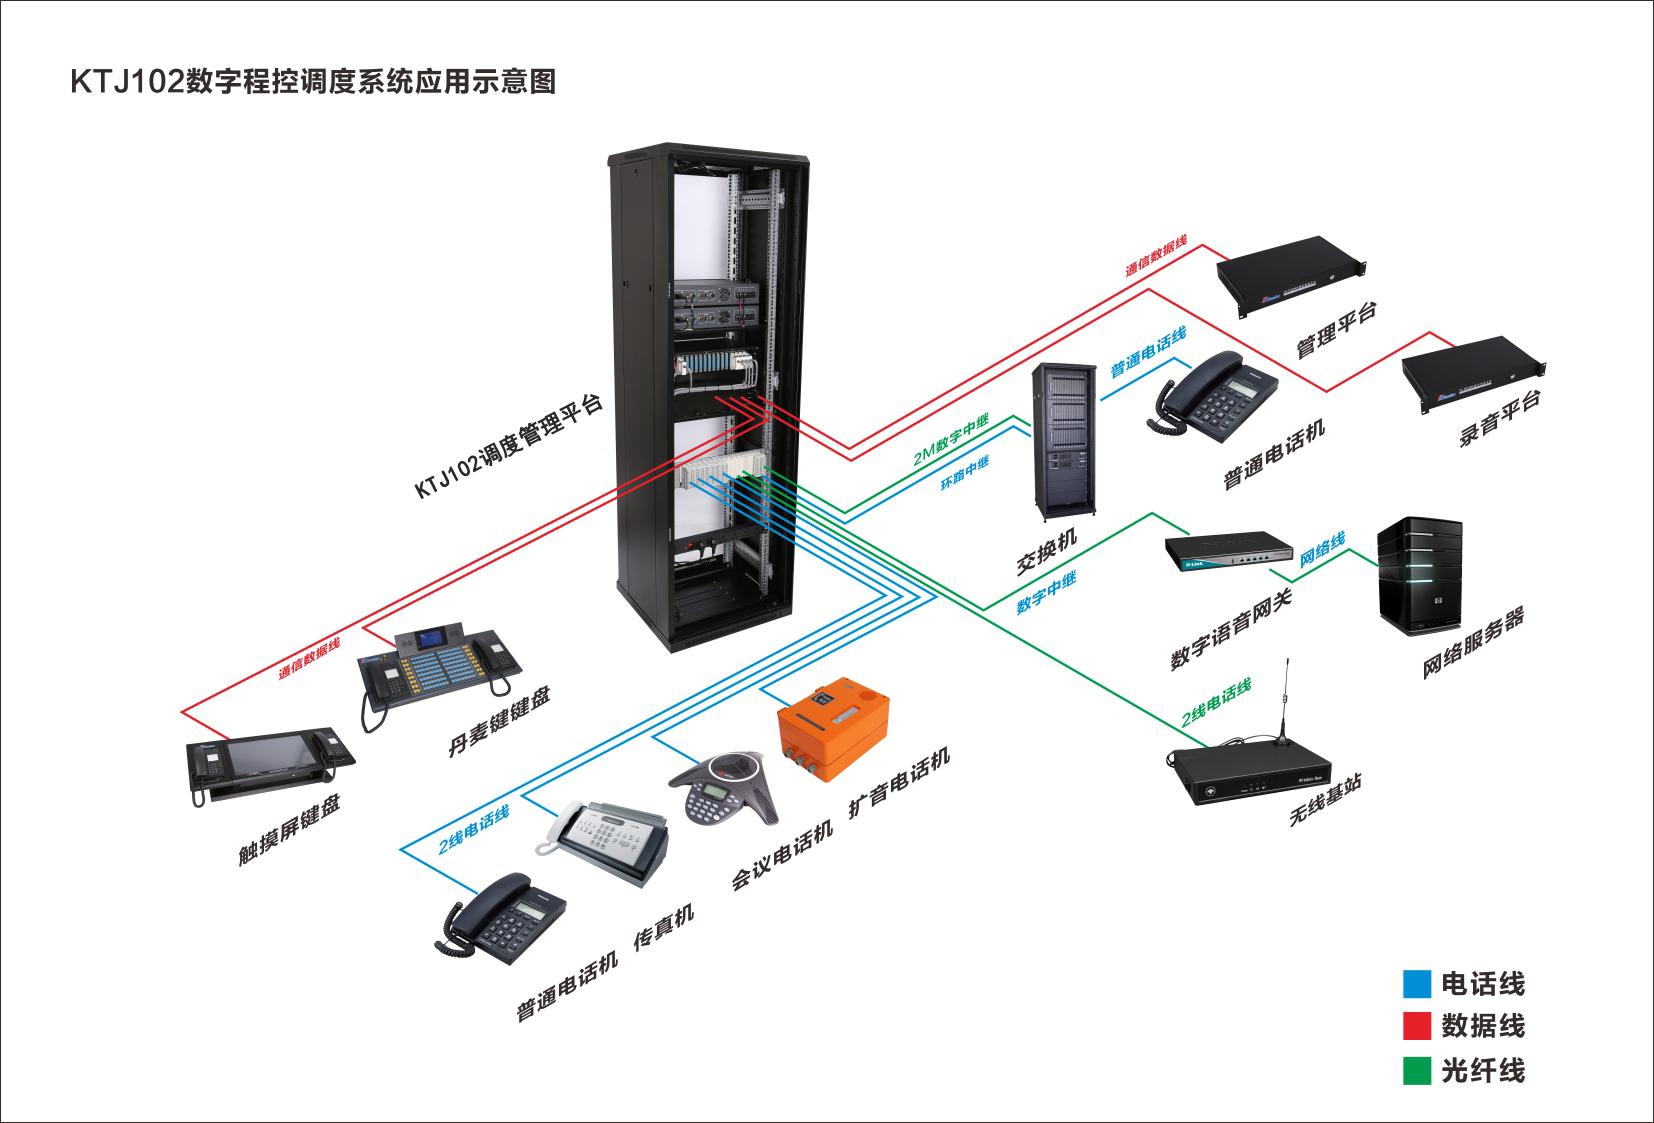 KTJ102调度组网应用.jpg